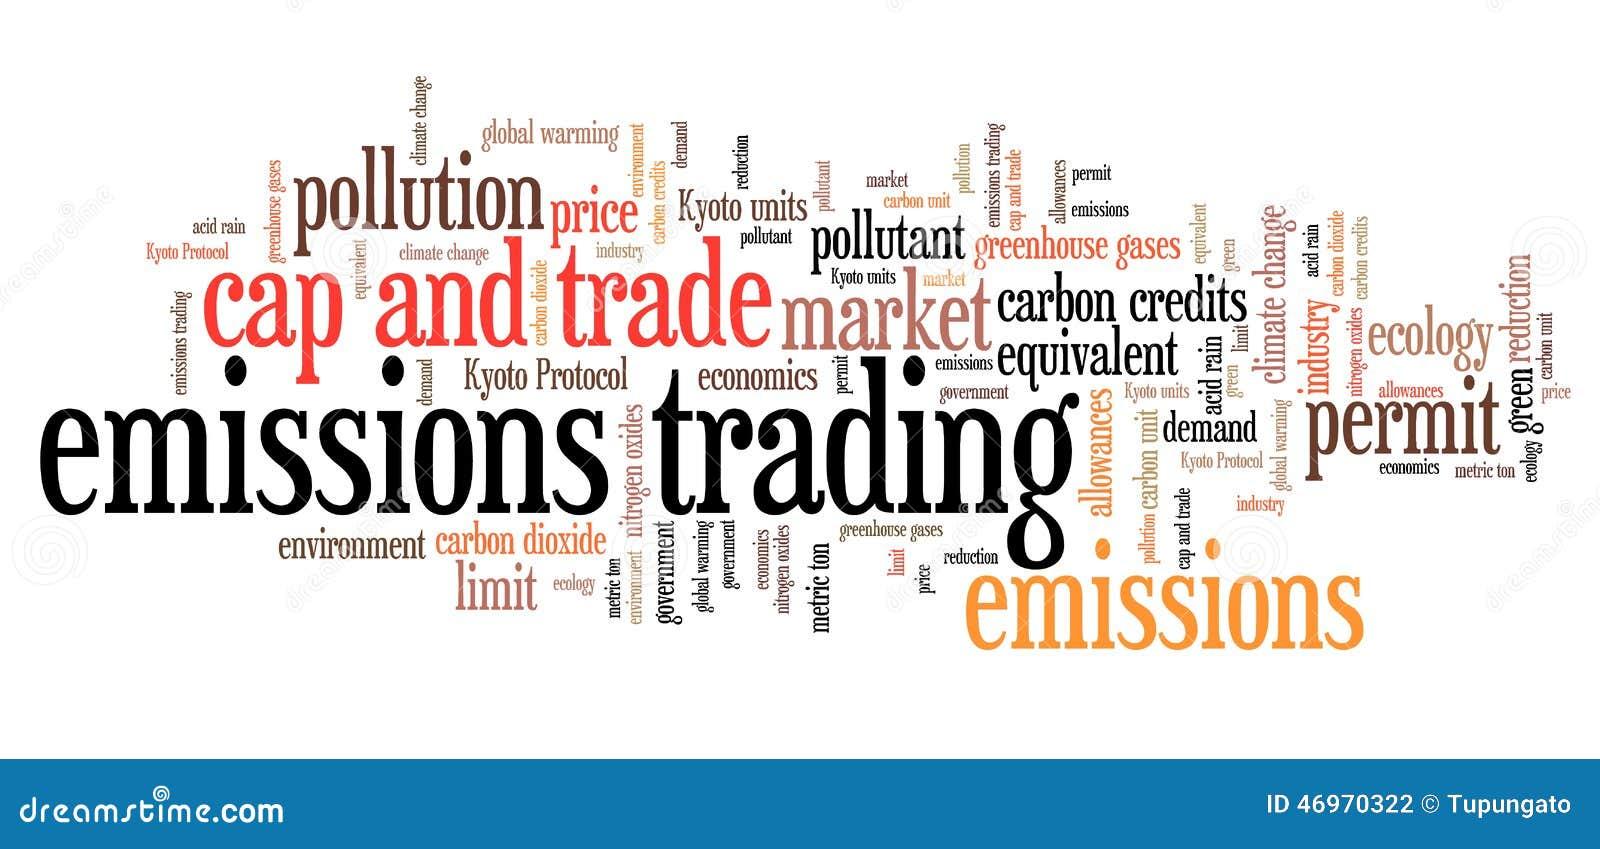 Carbon emission trading